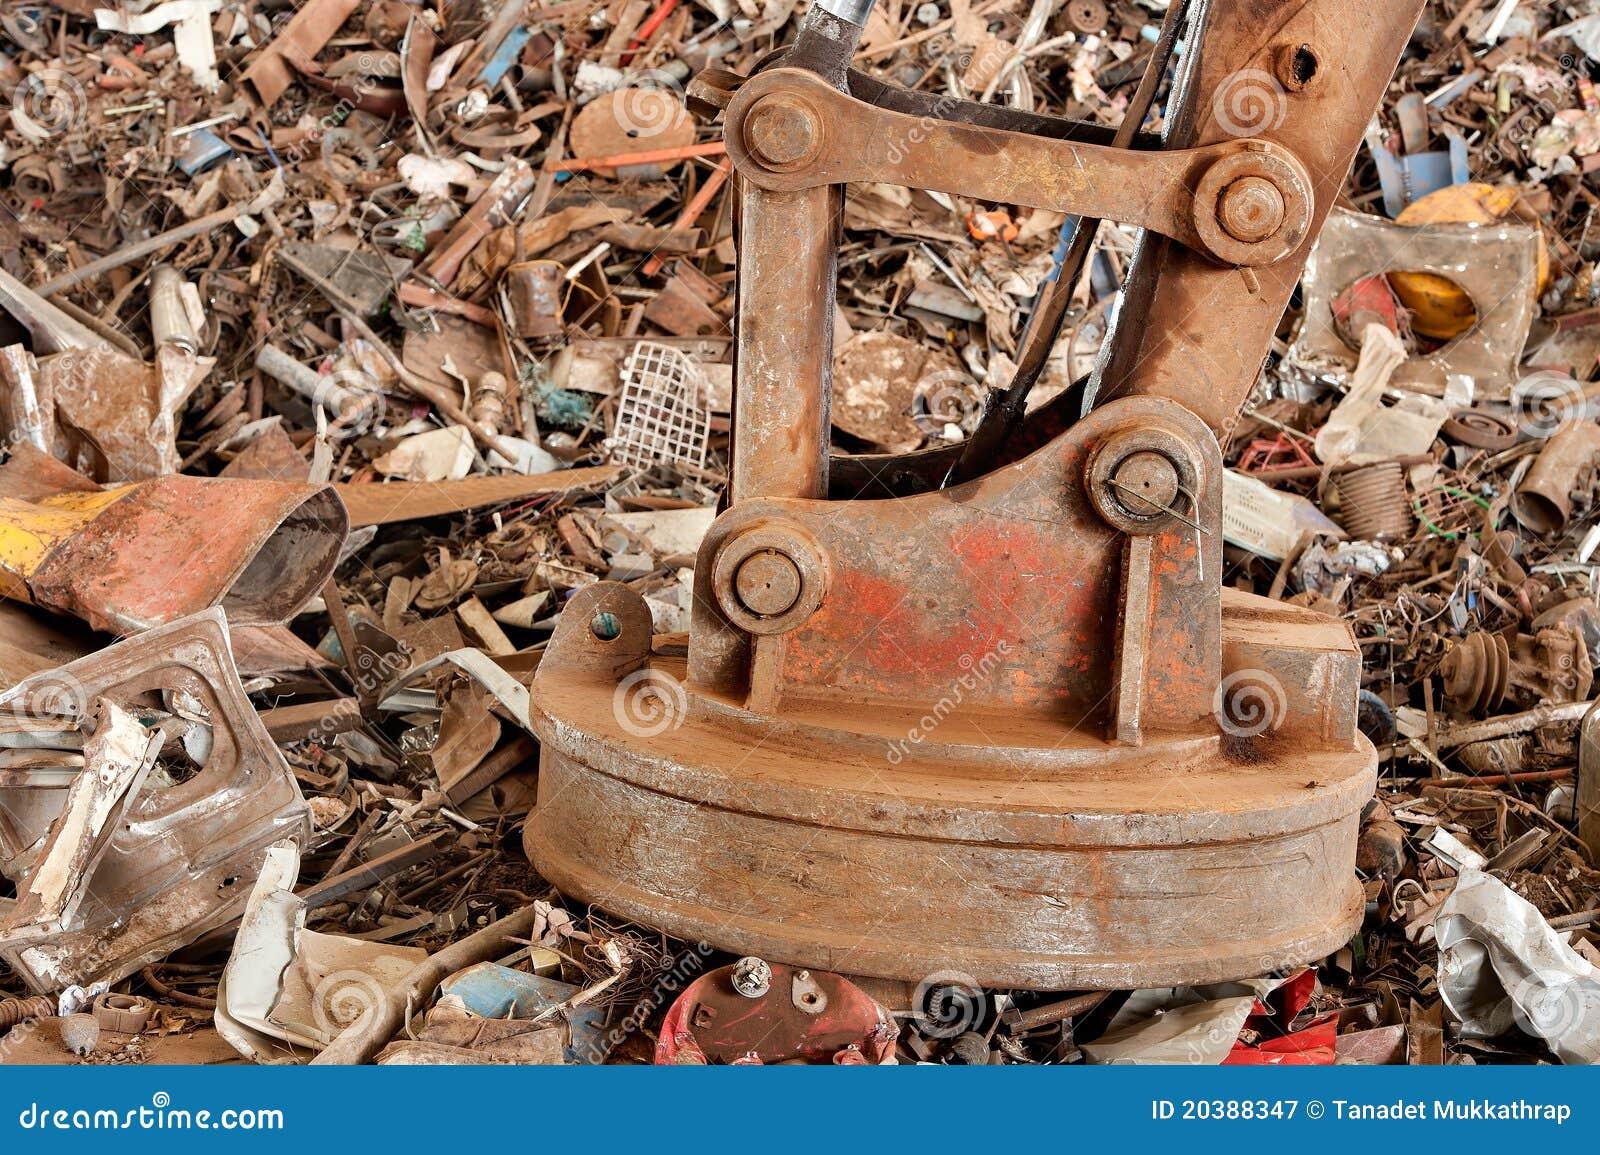 big magnet stock image image of magnet dumped metal 20388347